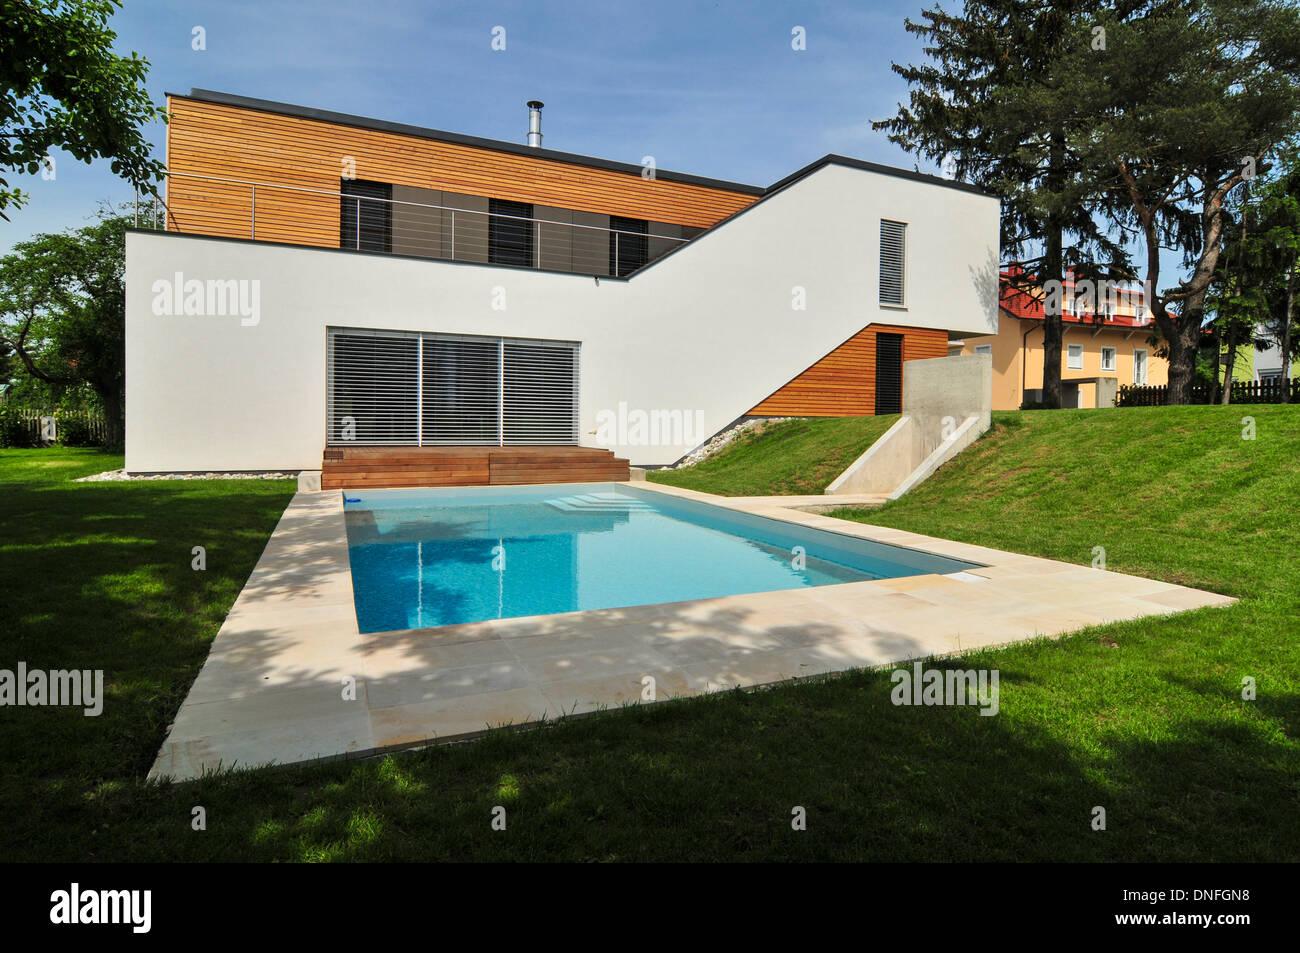 Hochwertig Wohnhaus Familie Troppmann, Einfamilienhaus, Haas Architektur, Schwimmbad,  Holzbau, Holzhaus, Moderne Architektur